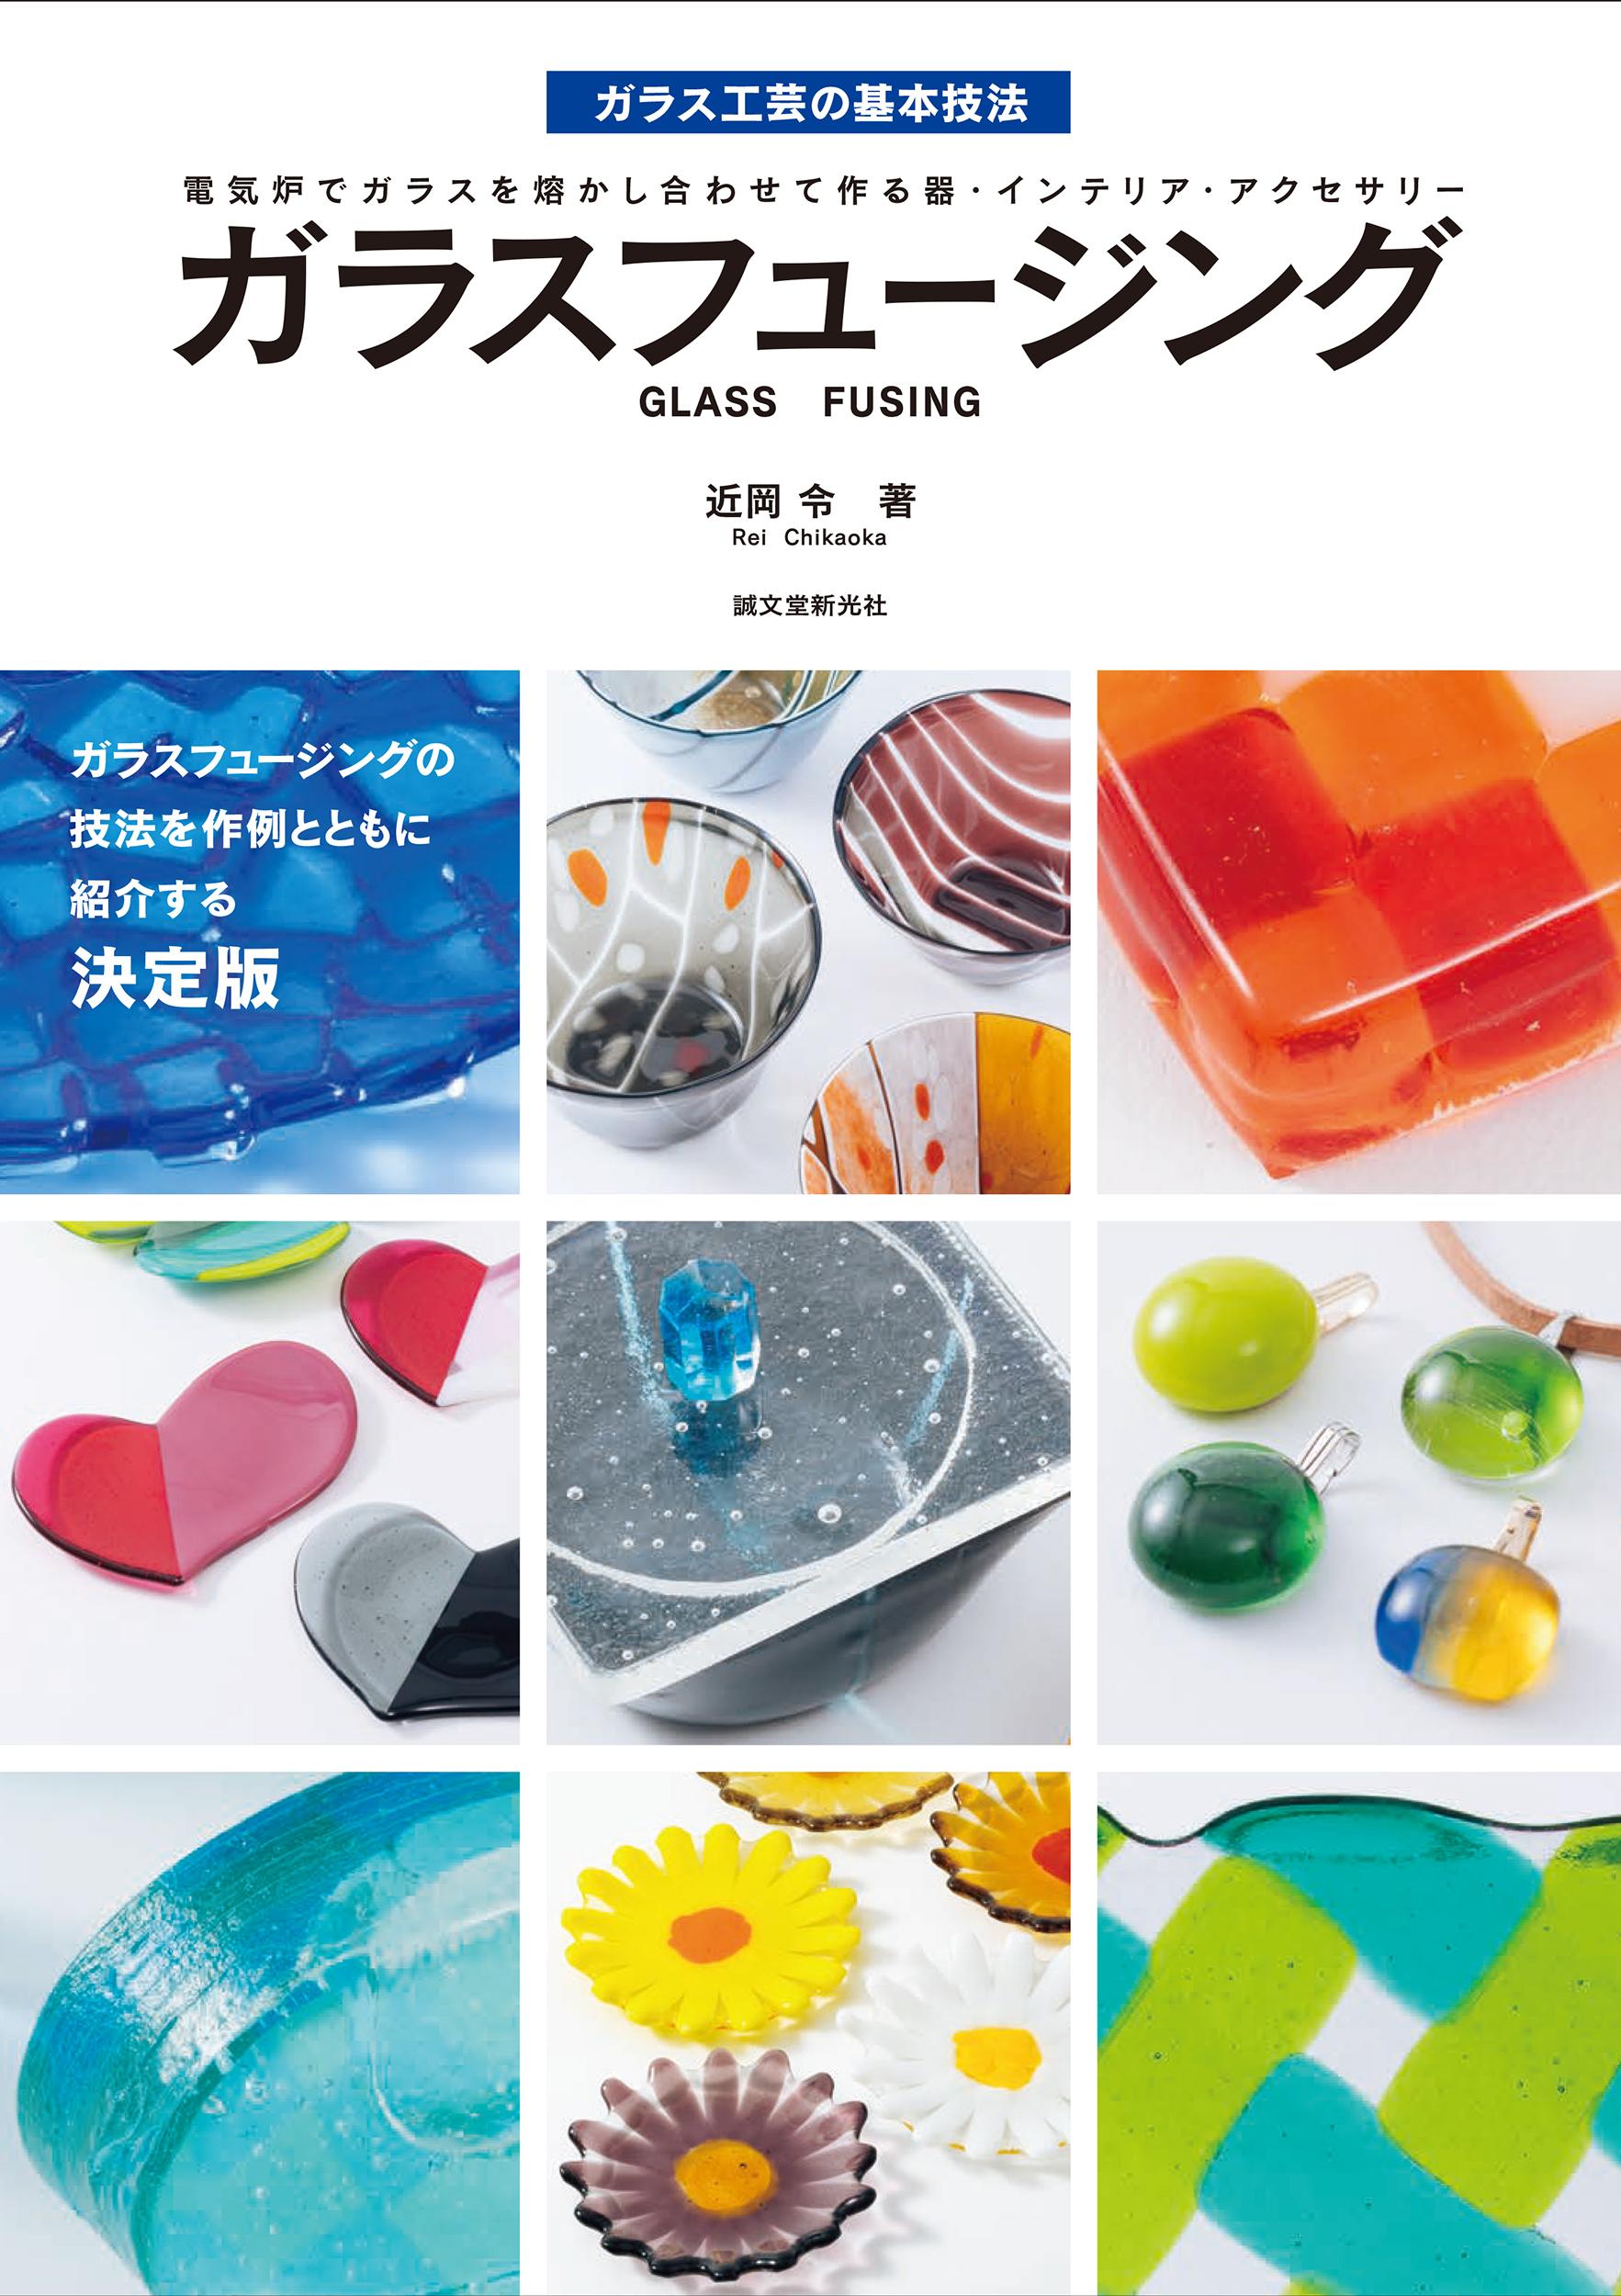 新刊 ガラスフュージング